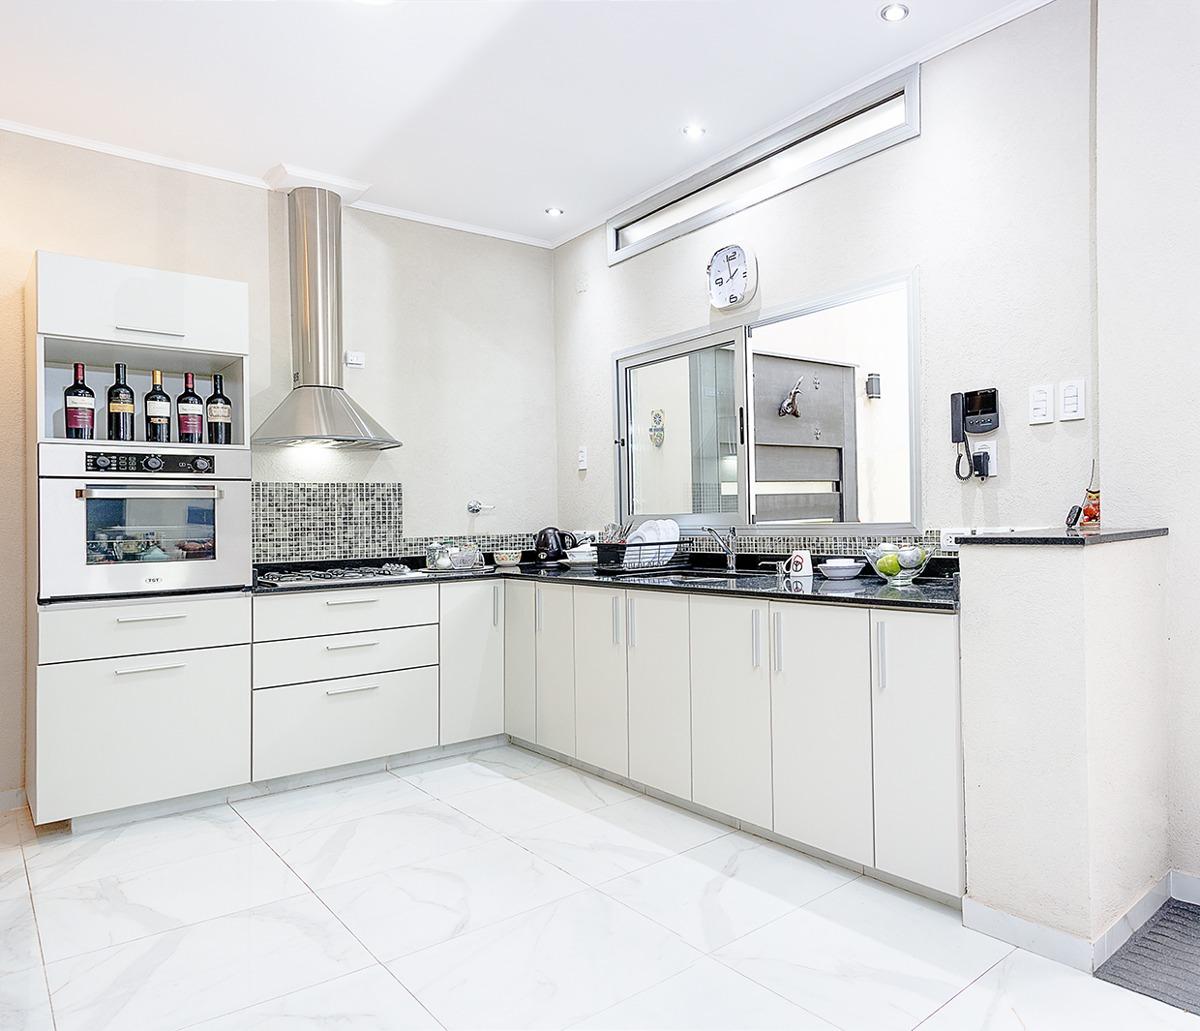 Muebles De Cocina Interior De Placar A Medida Y Estandar  # Muebles Uriarte